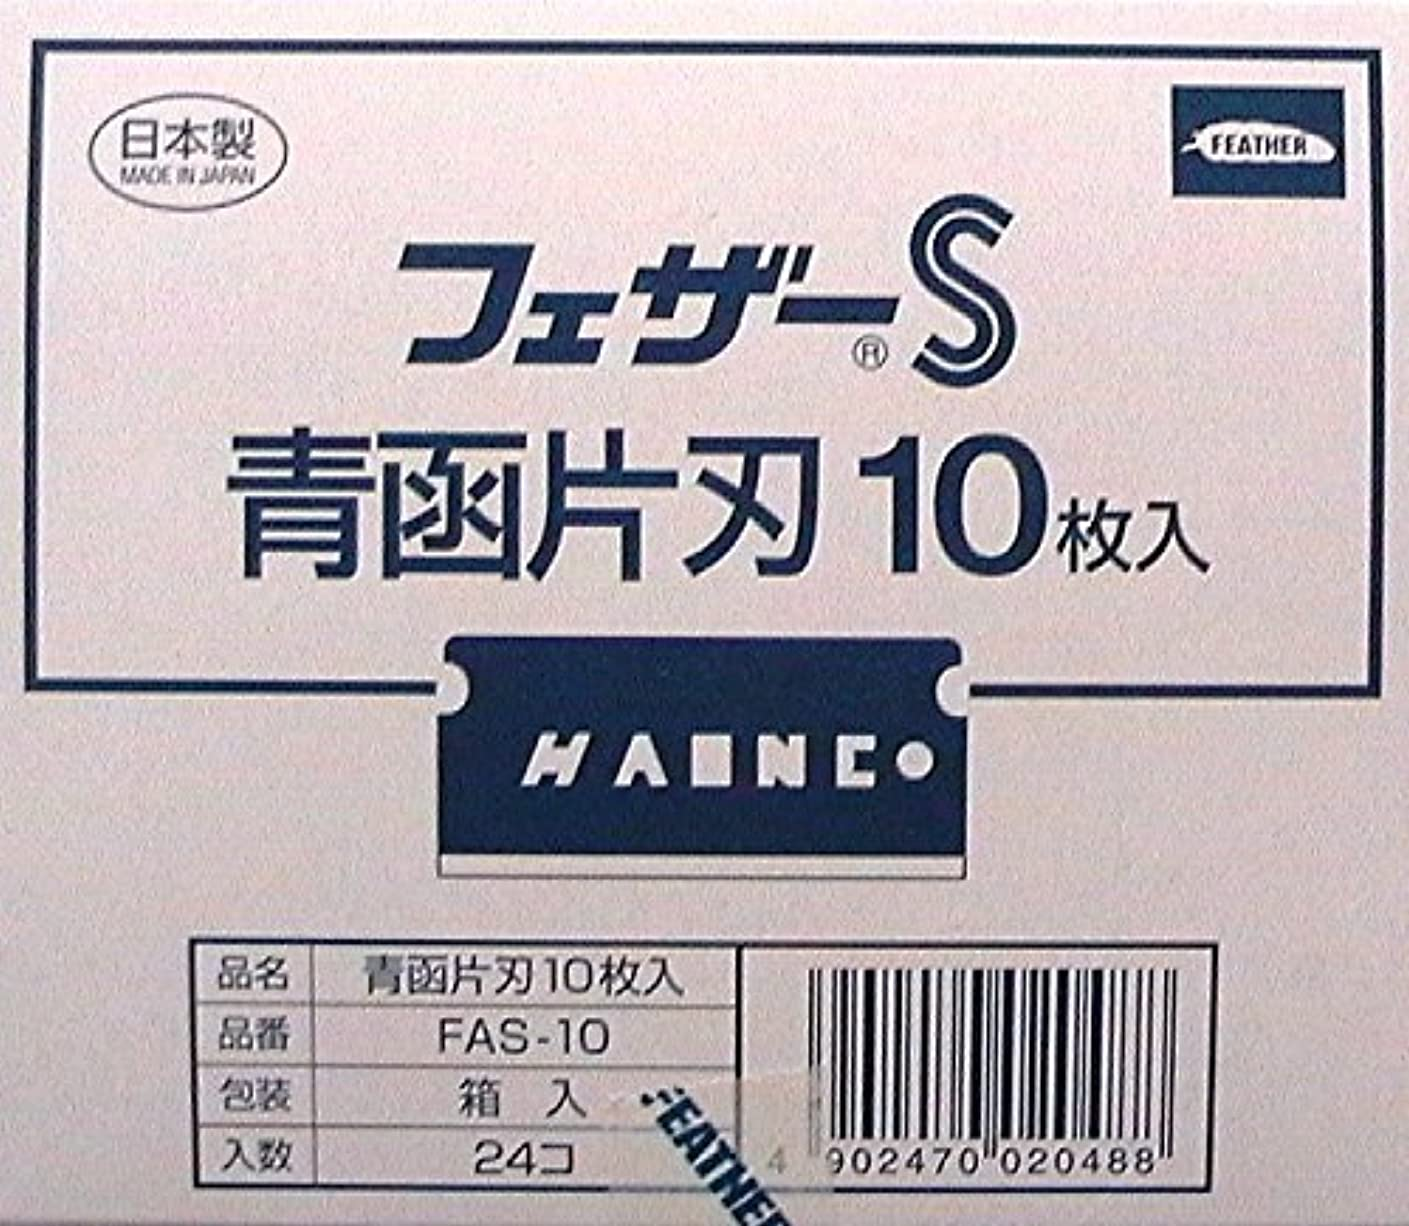 メンテナンス株式アミューズフェザーS 青函片刃 FAS-10箱入り10枚入り×24箱(240枚入り)